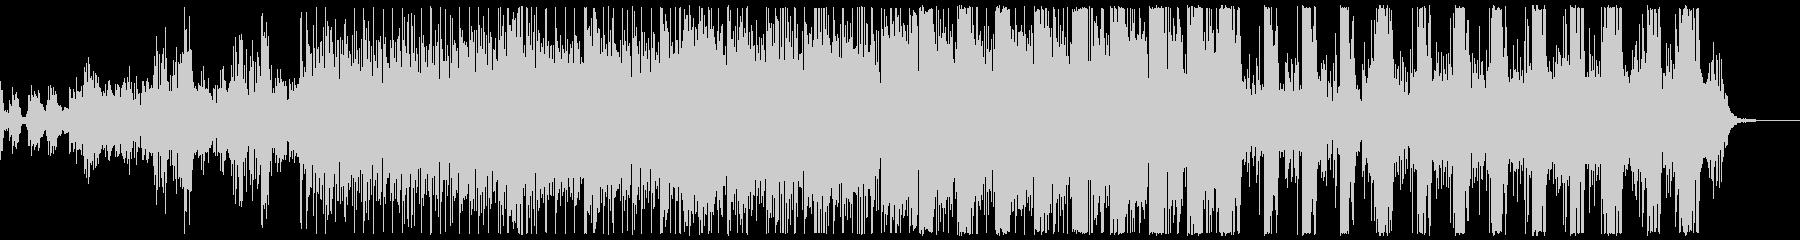 清々しいイメージのエレクトロポップの未再生の波形